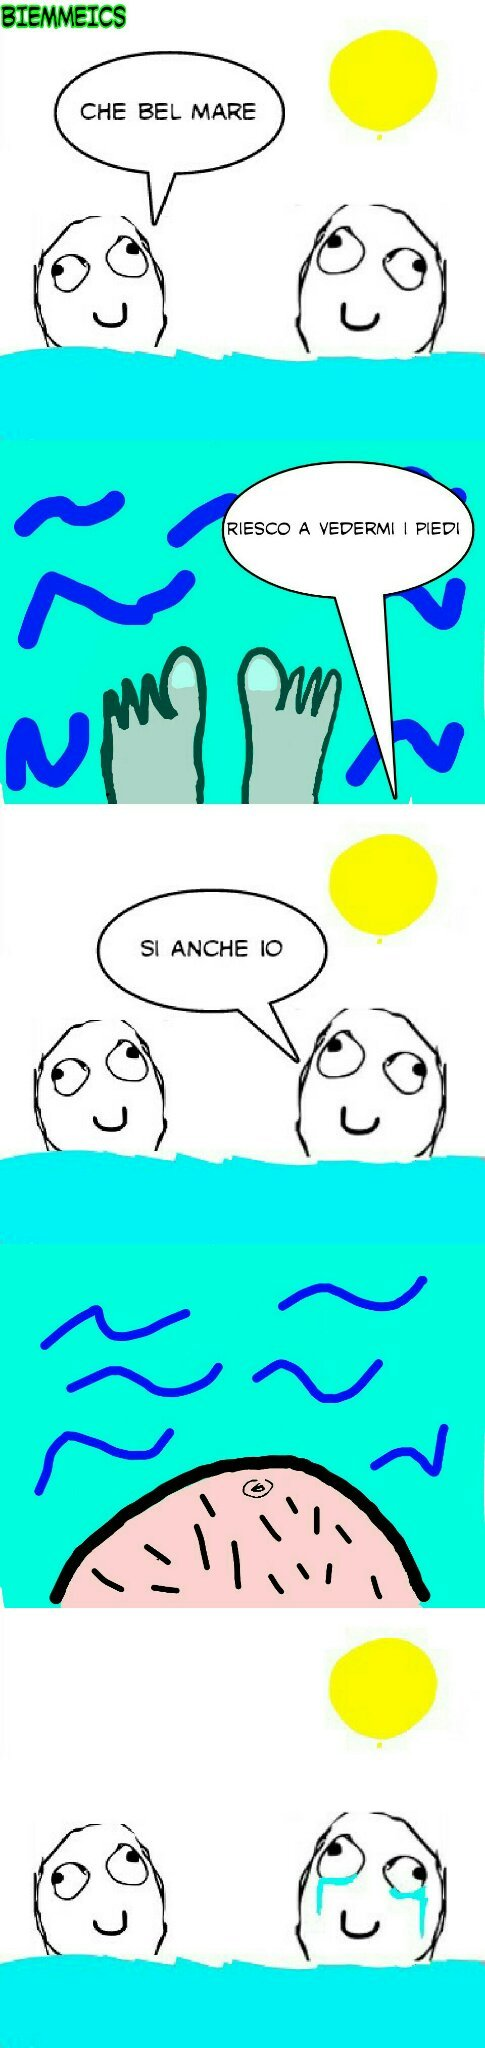 Cito cosmaghei - meme